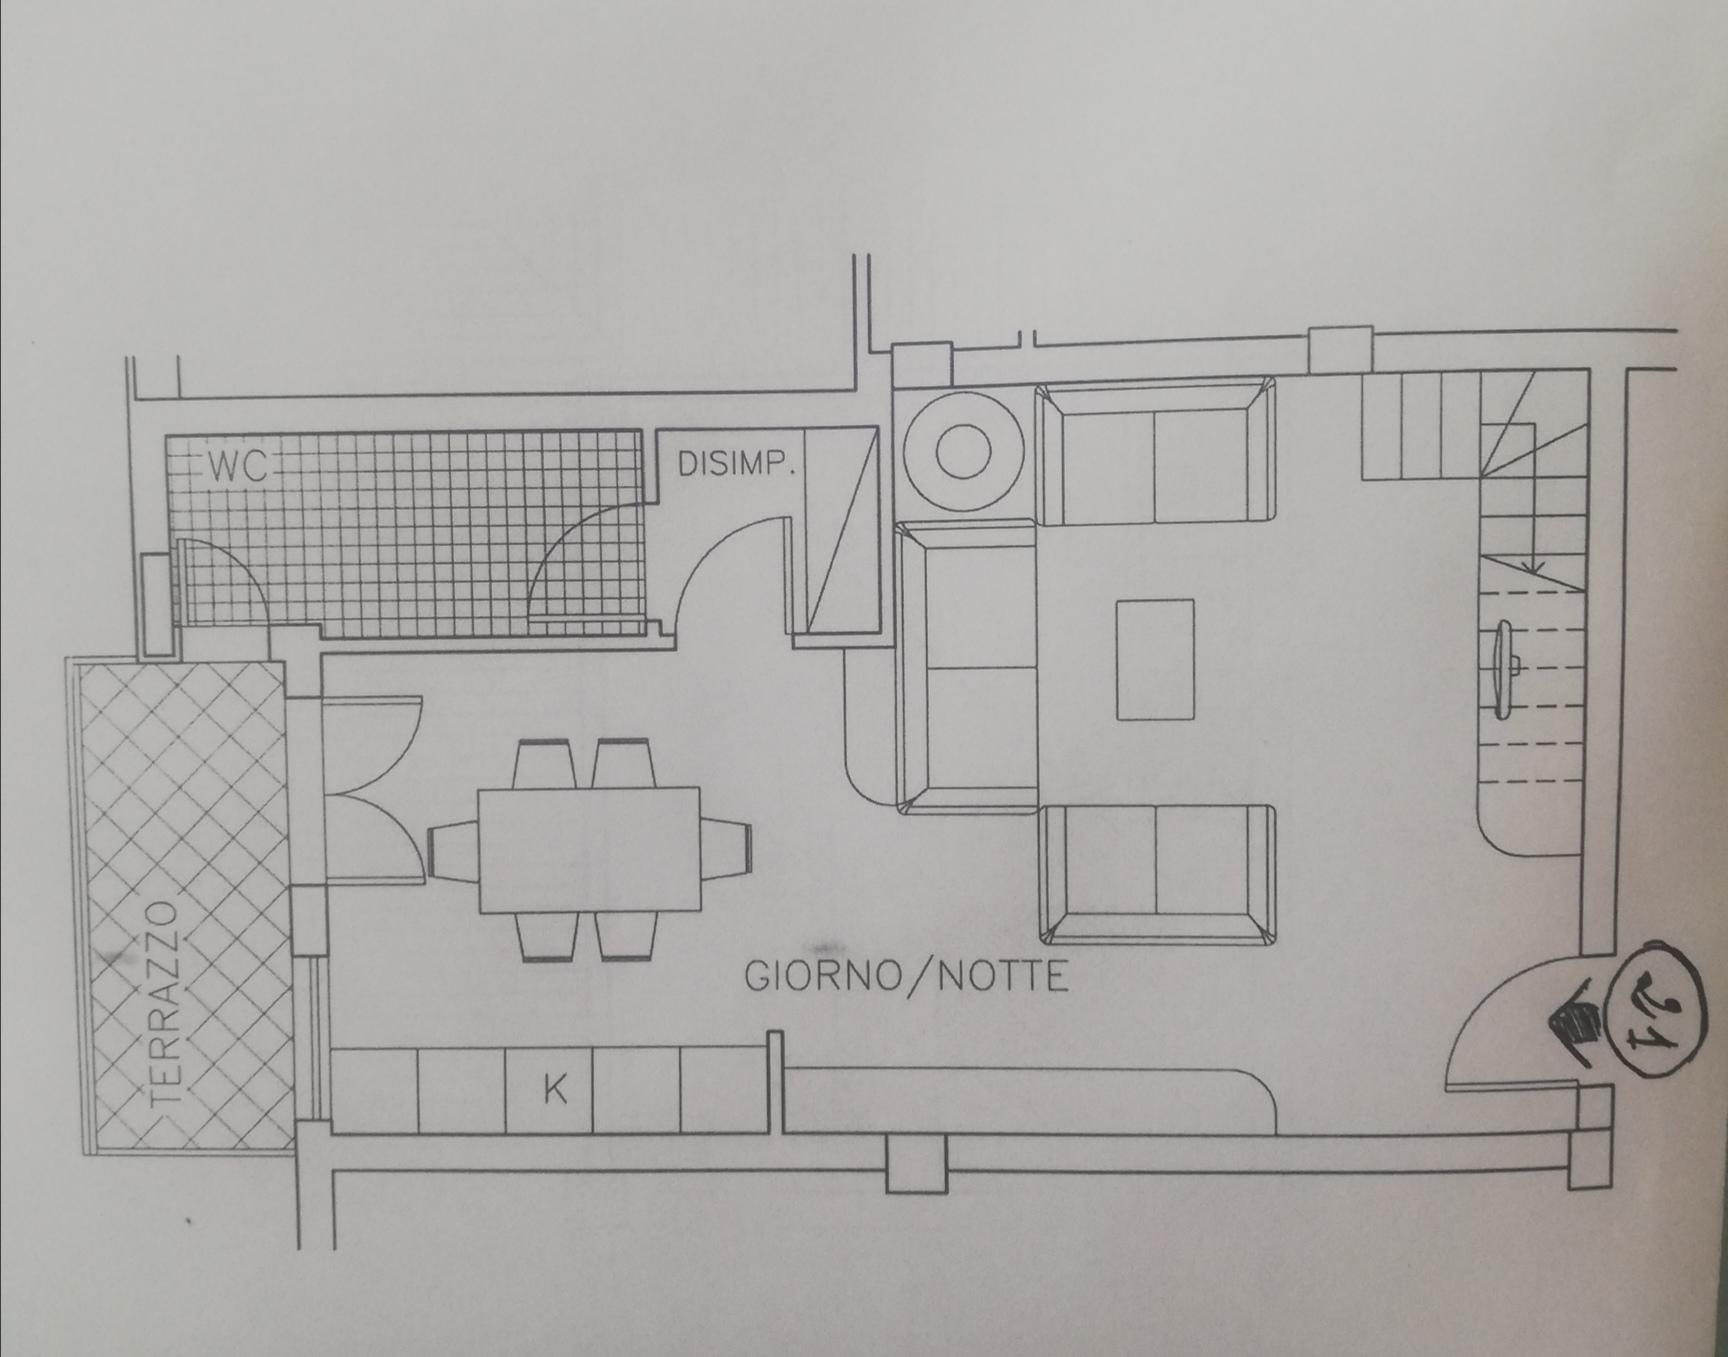 Planimetria /1 per rif. sd5964v